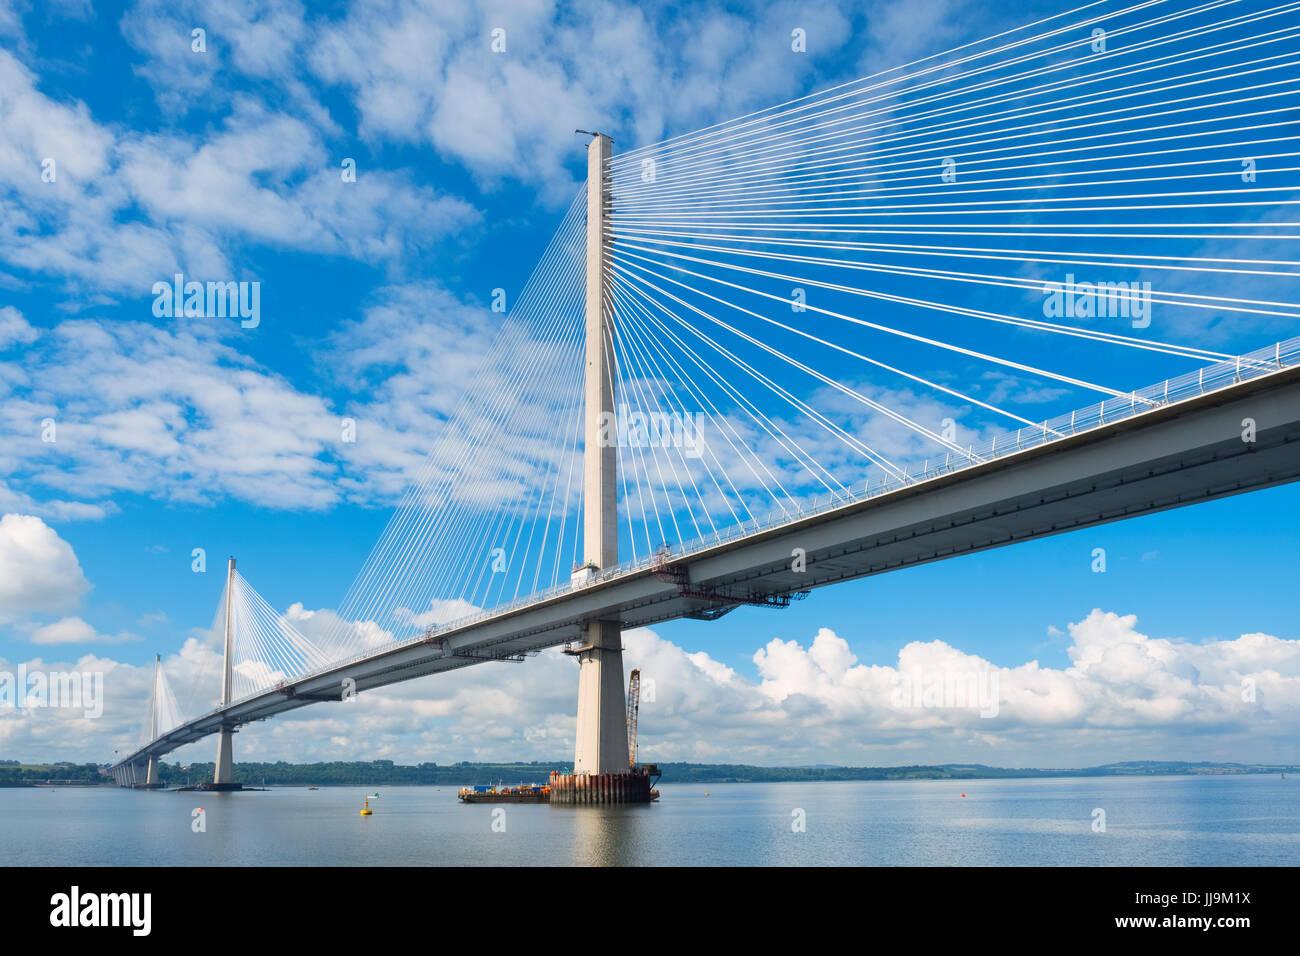 Voir de nouveaux Queensferry Crossing bridge enjambant la rivière Forth en Écosse, Royaume-Uni Photo Stock